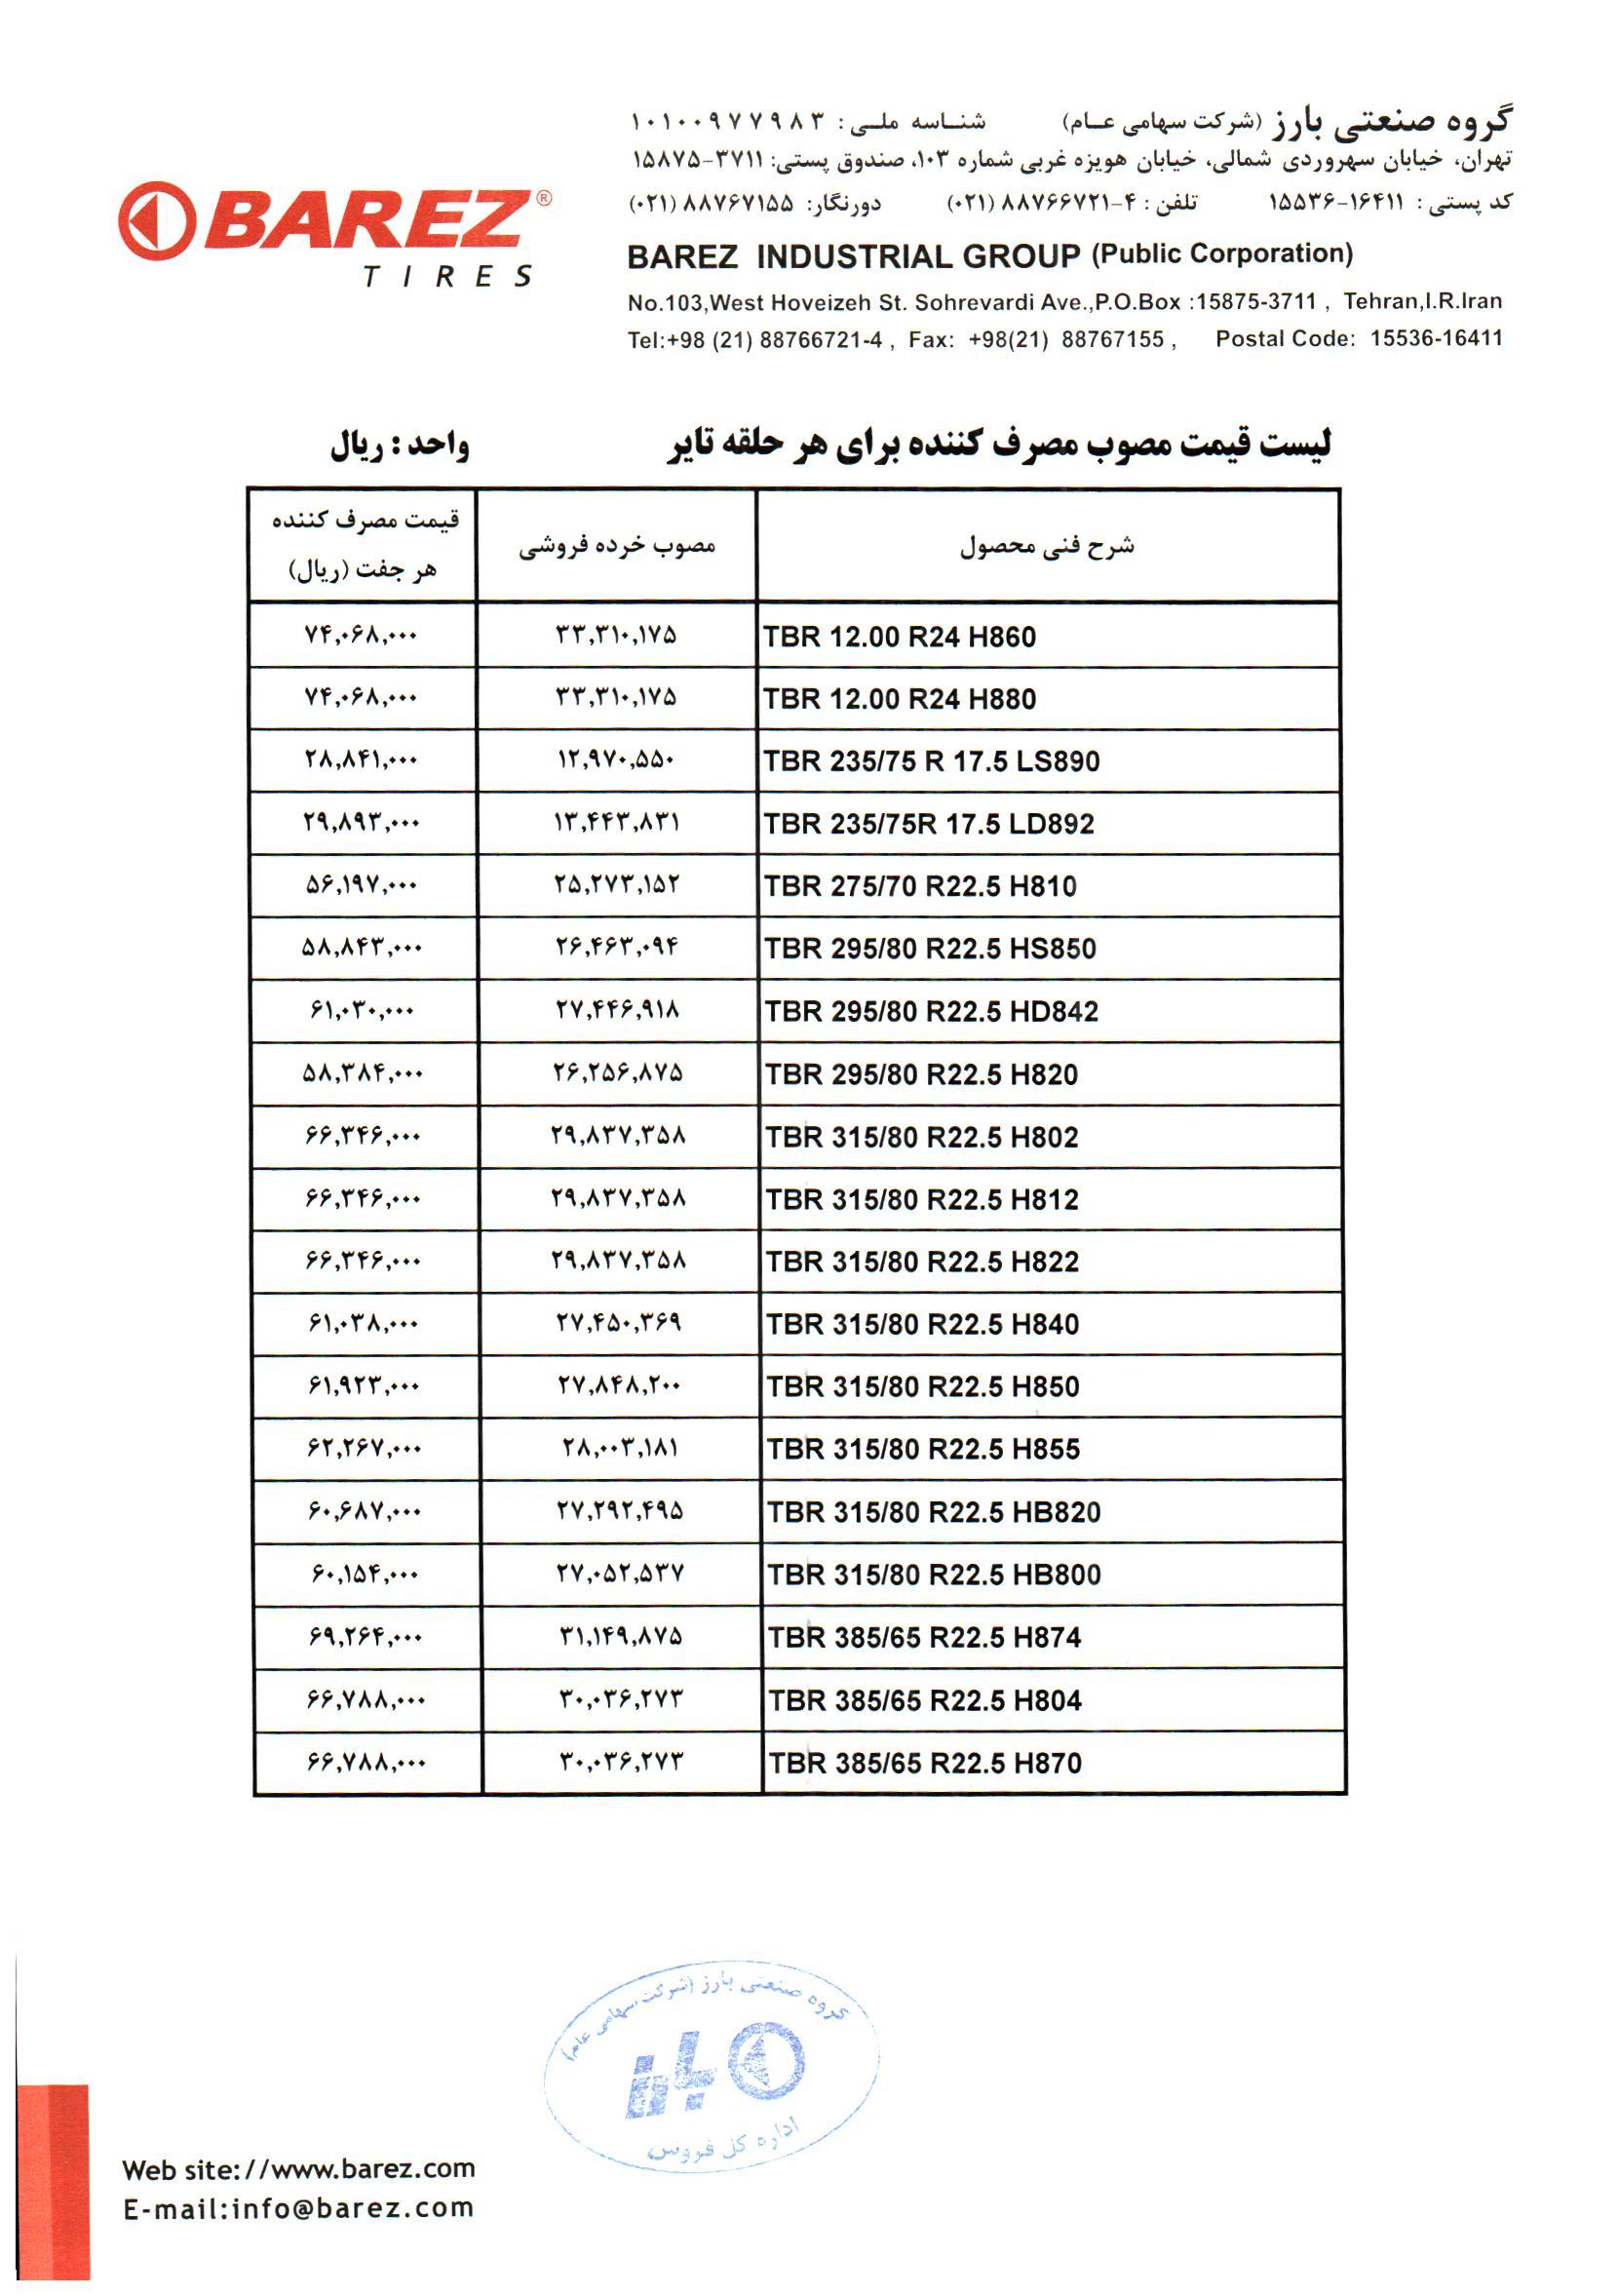 قیمت لاستیک دولتی لیست قیمت لاستیک بارز در آذر ماه 99 - 4